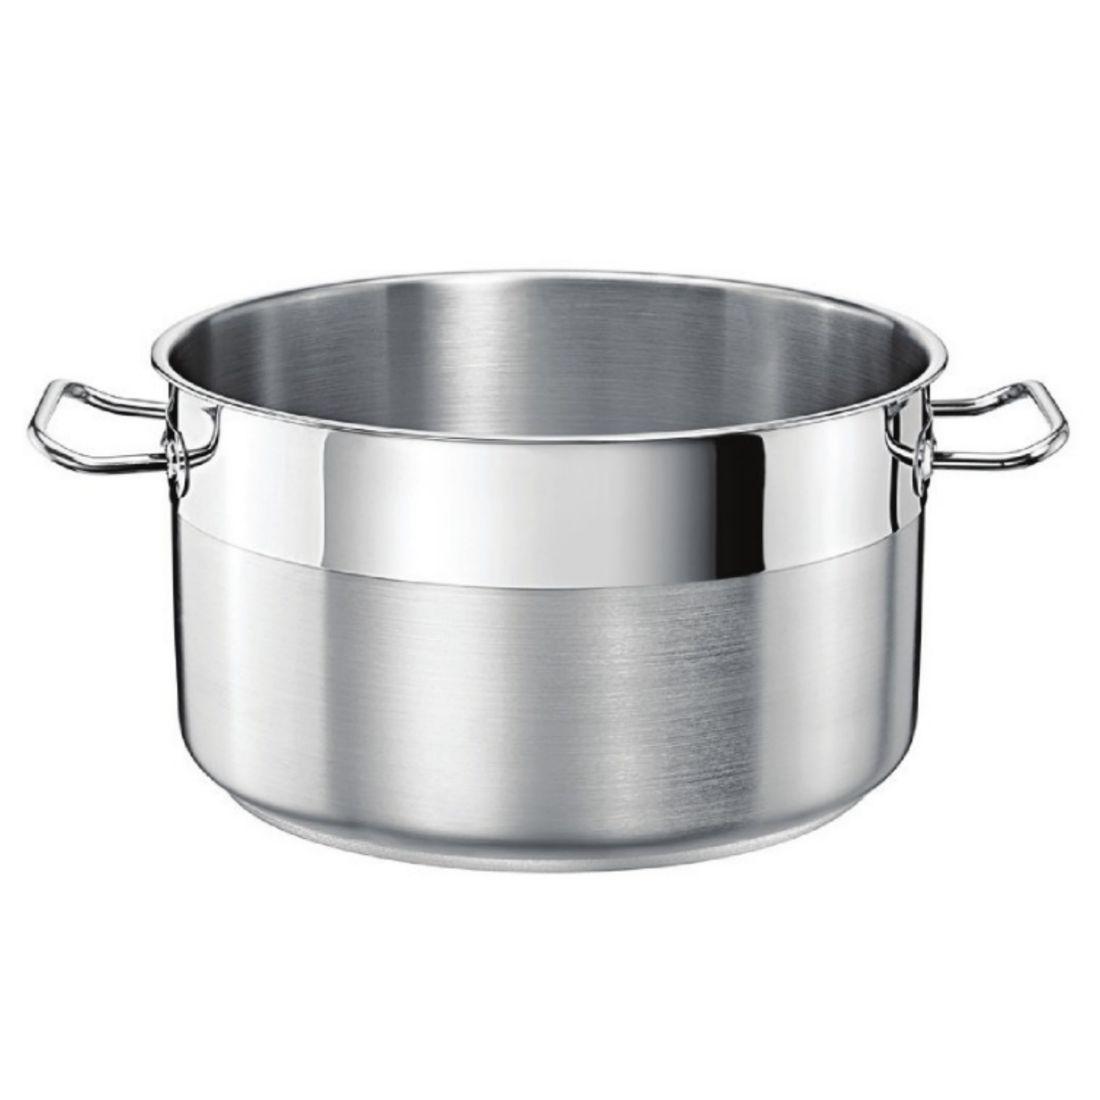 Hrnec střední TOMGAST Silver 4,0 l